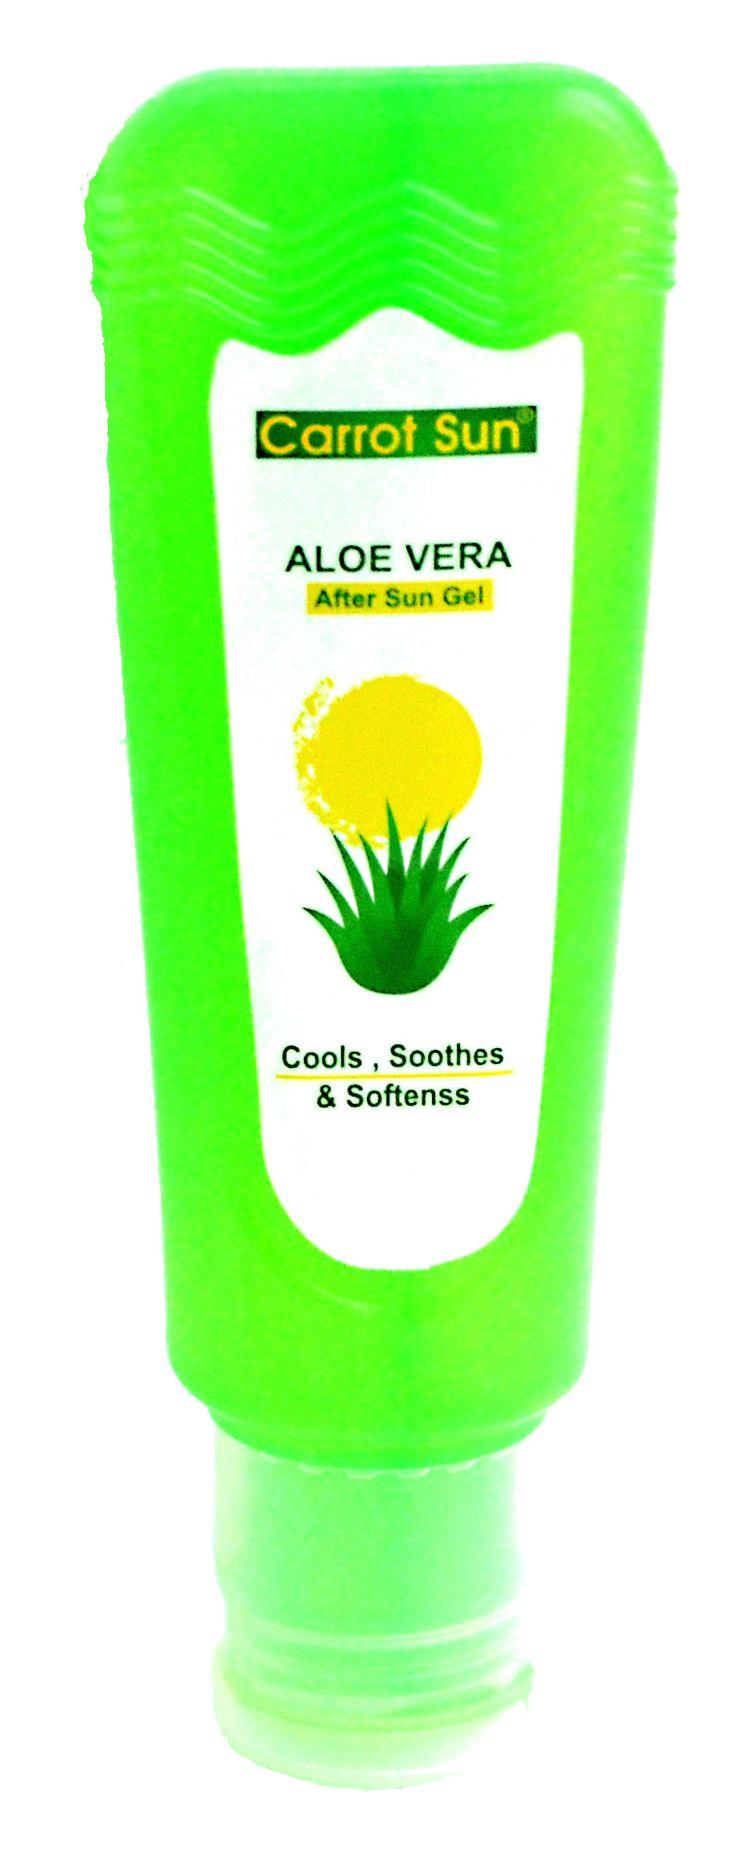 Aloe Vera After-Sun Gel